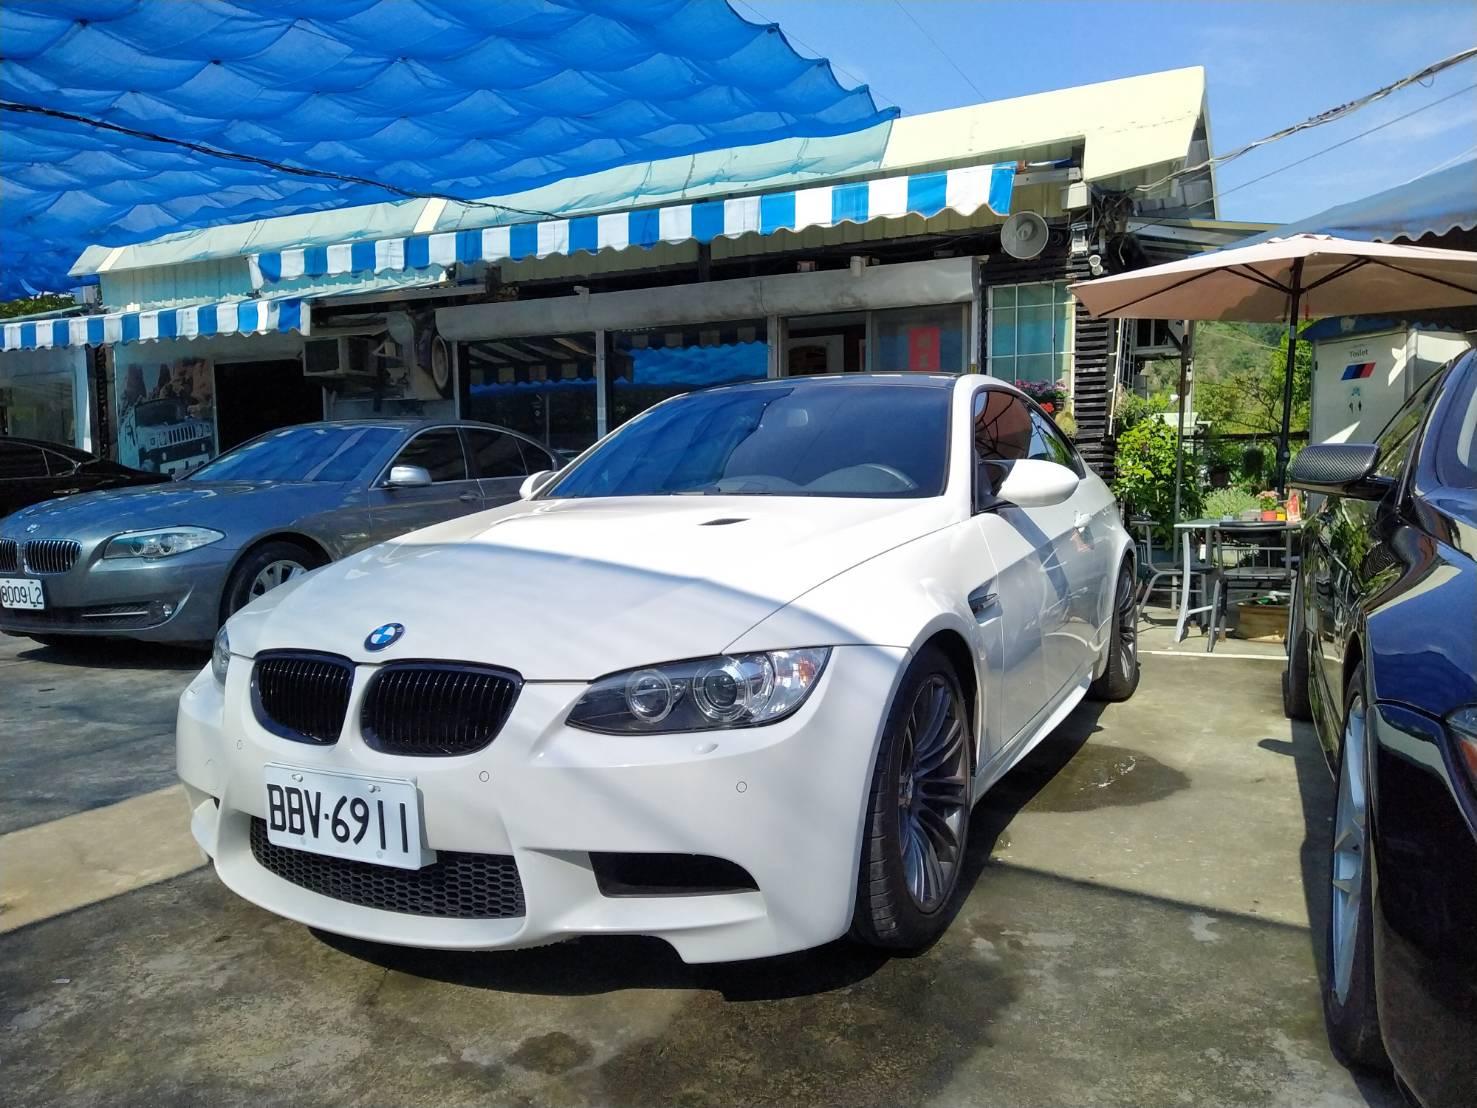 2008 BMW 寶馬 M3